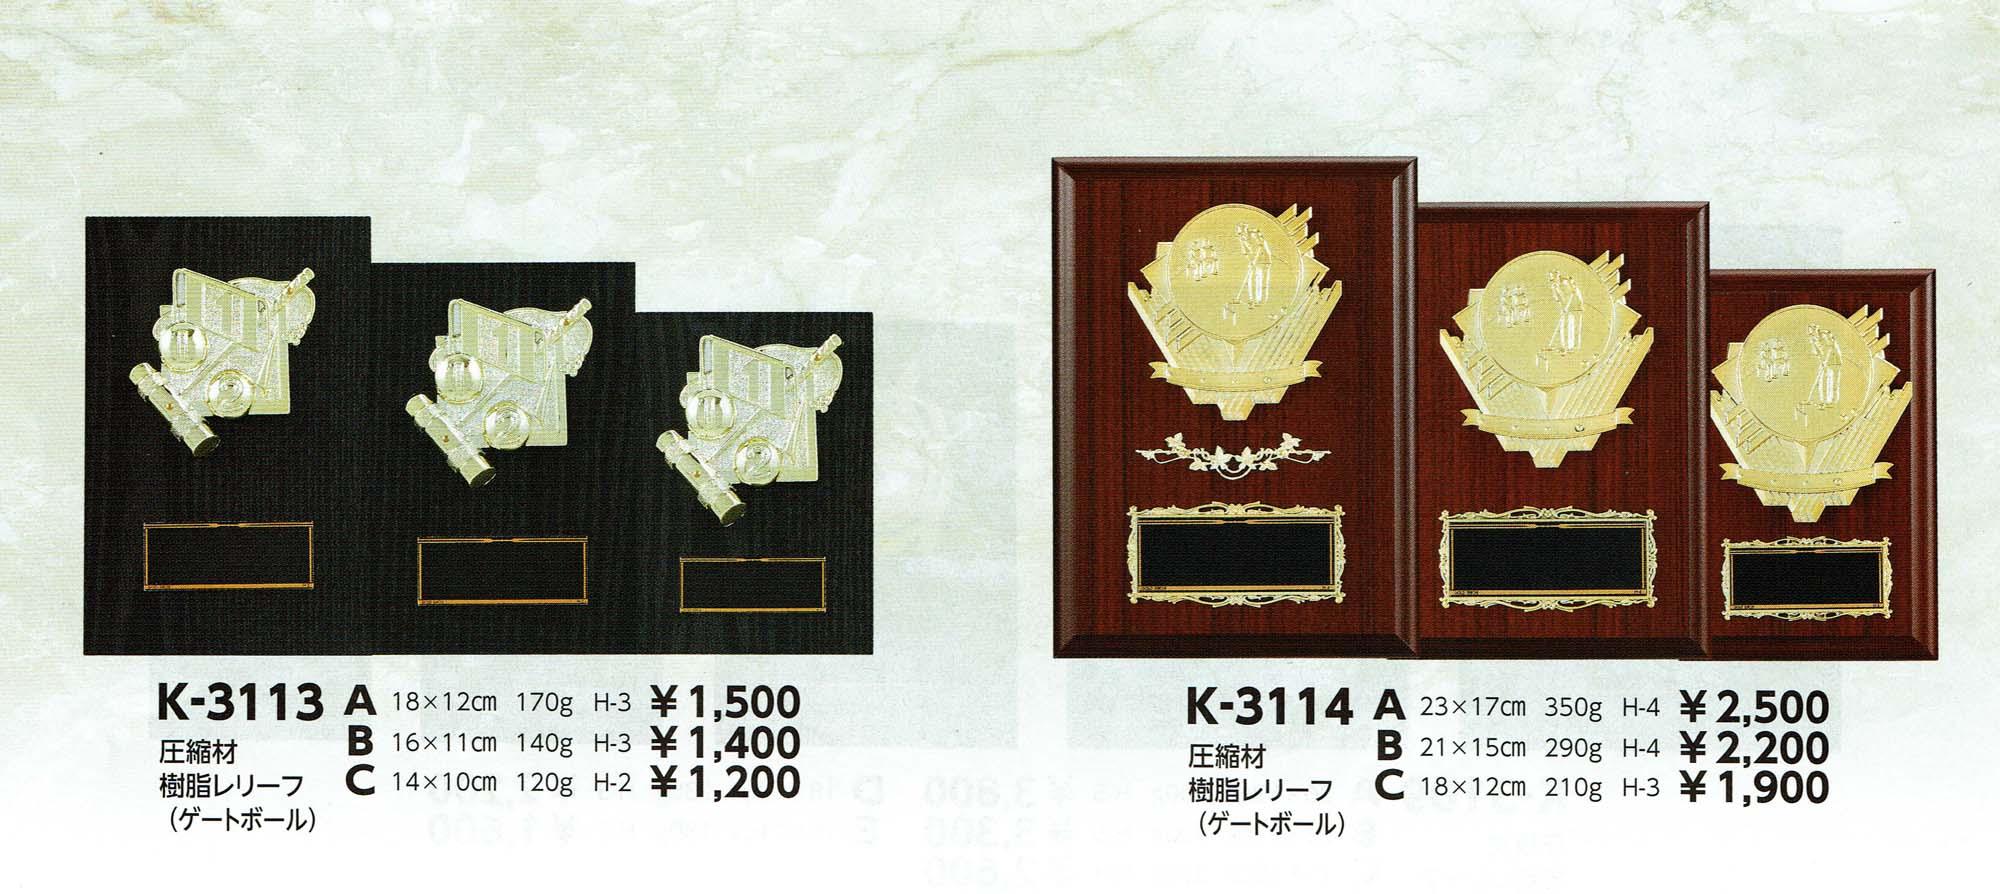 K3113、K3114